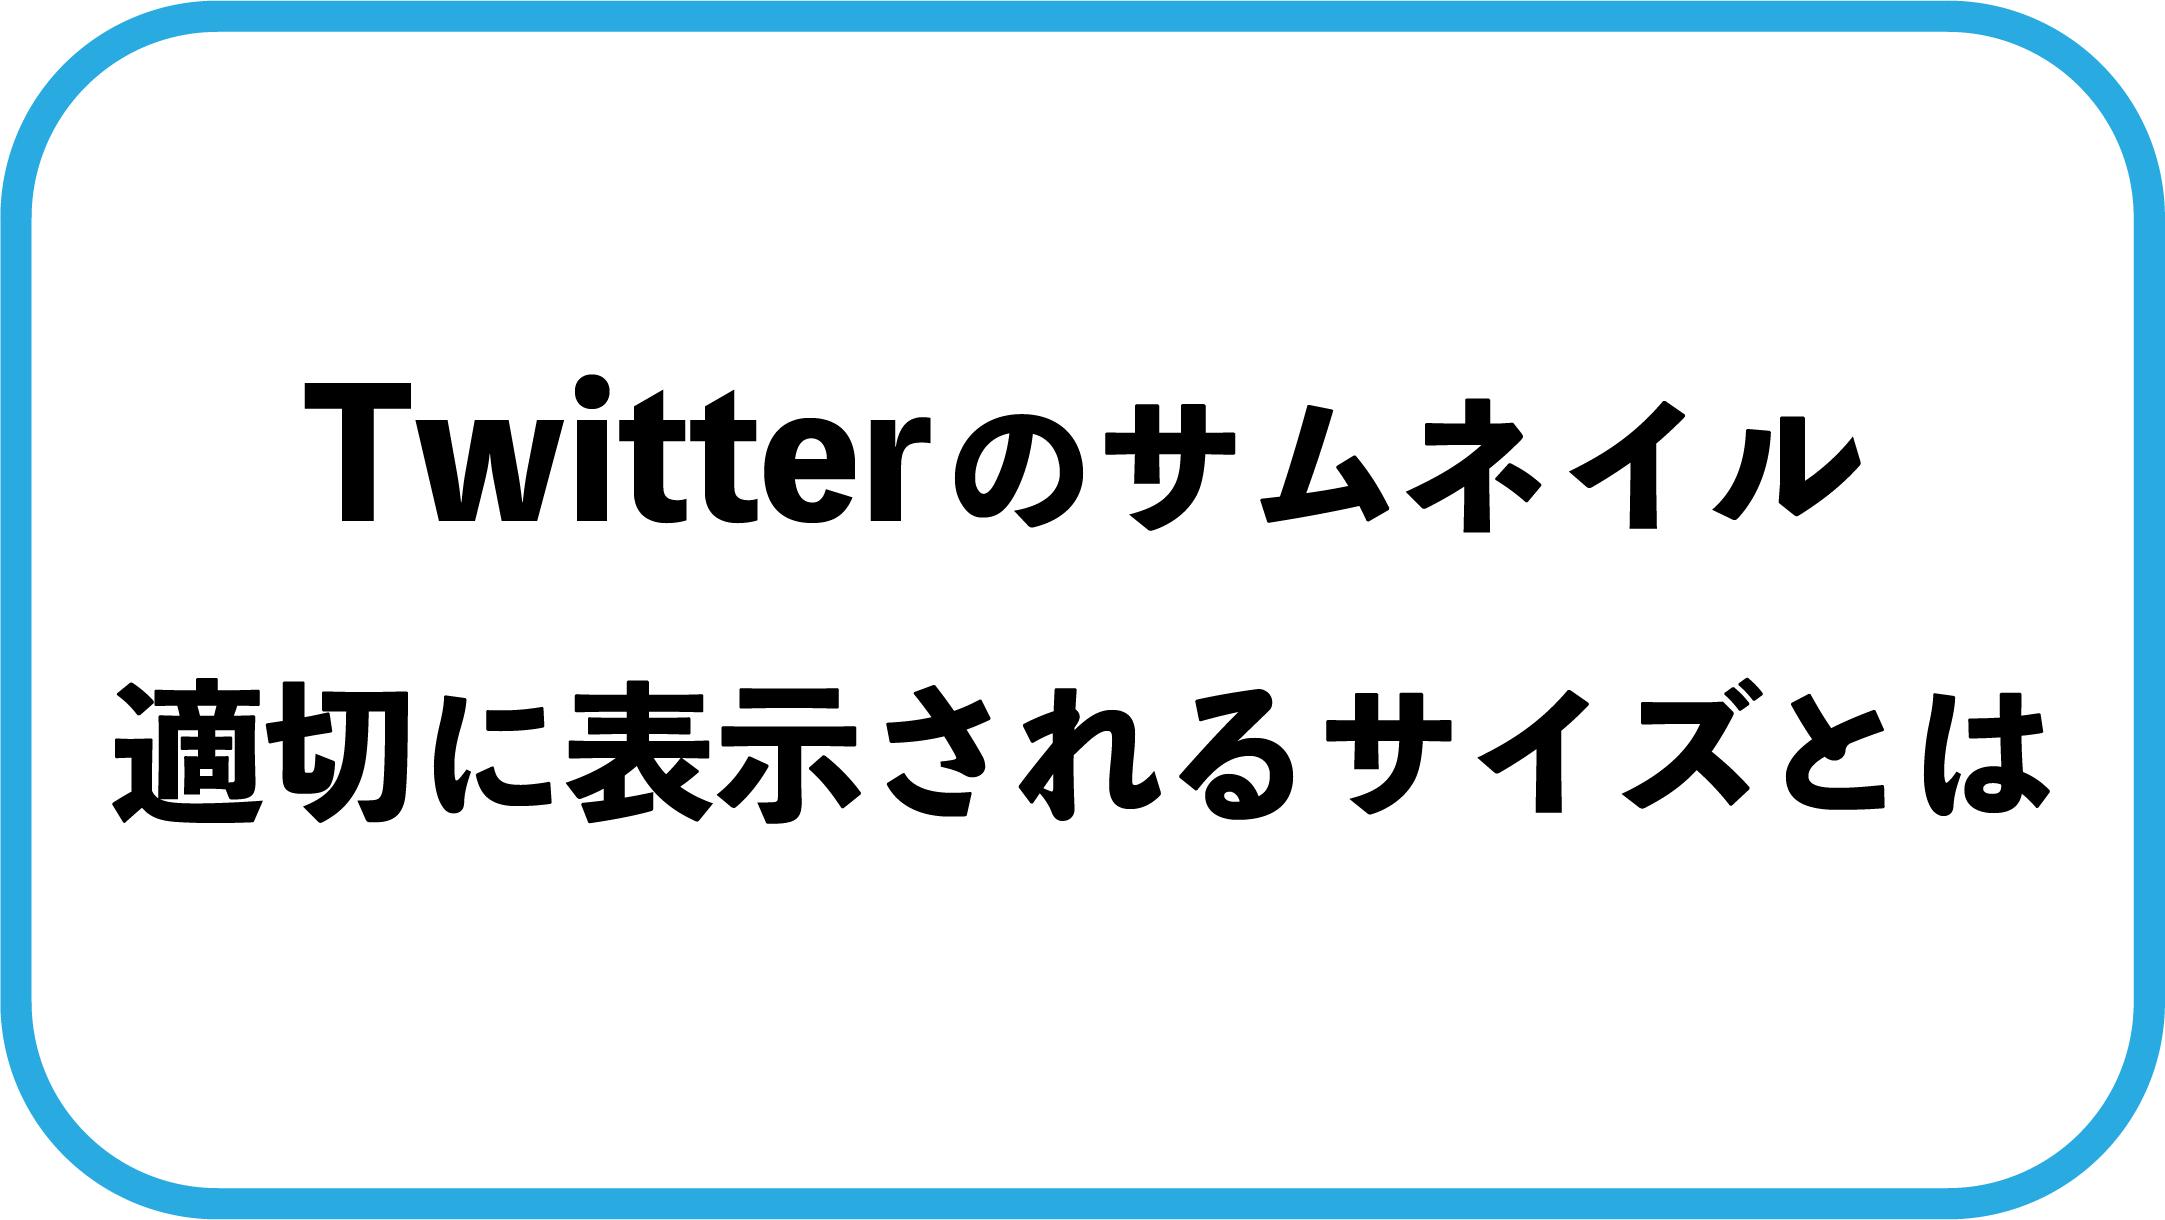 Twitter サムネ サイズ